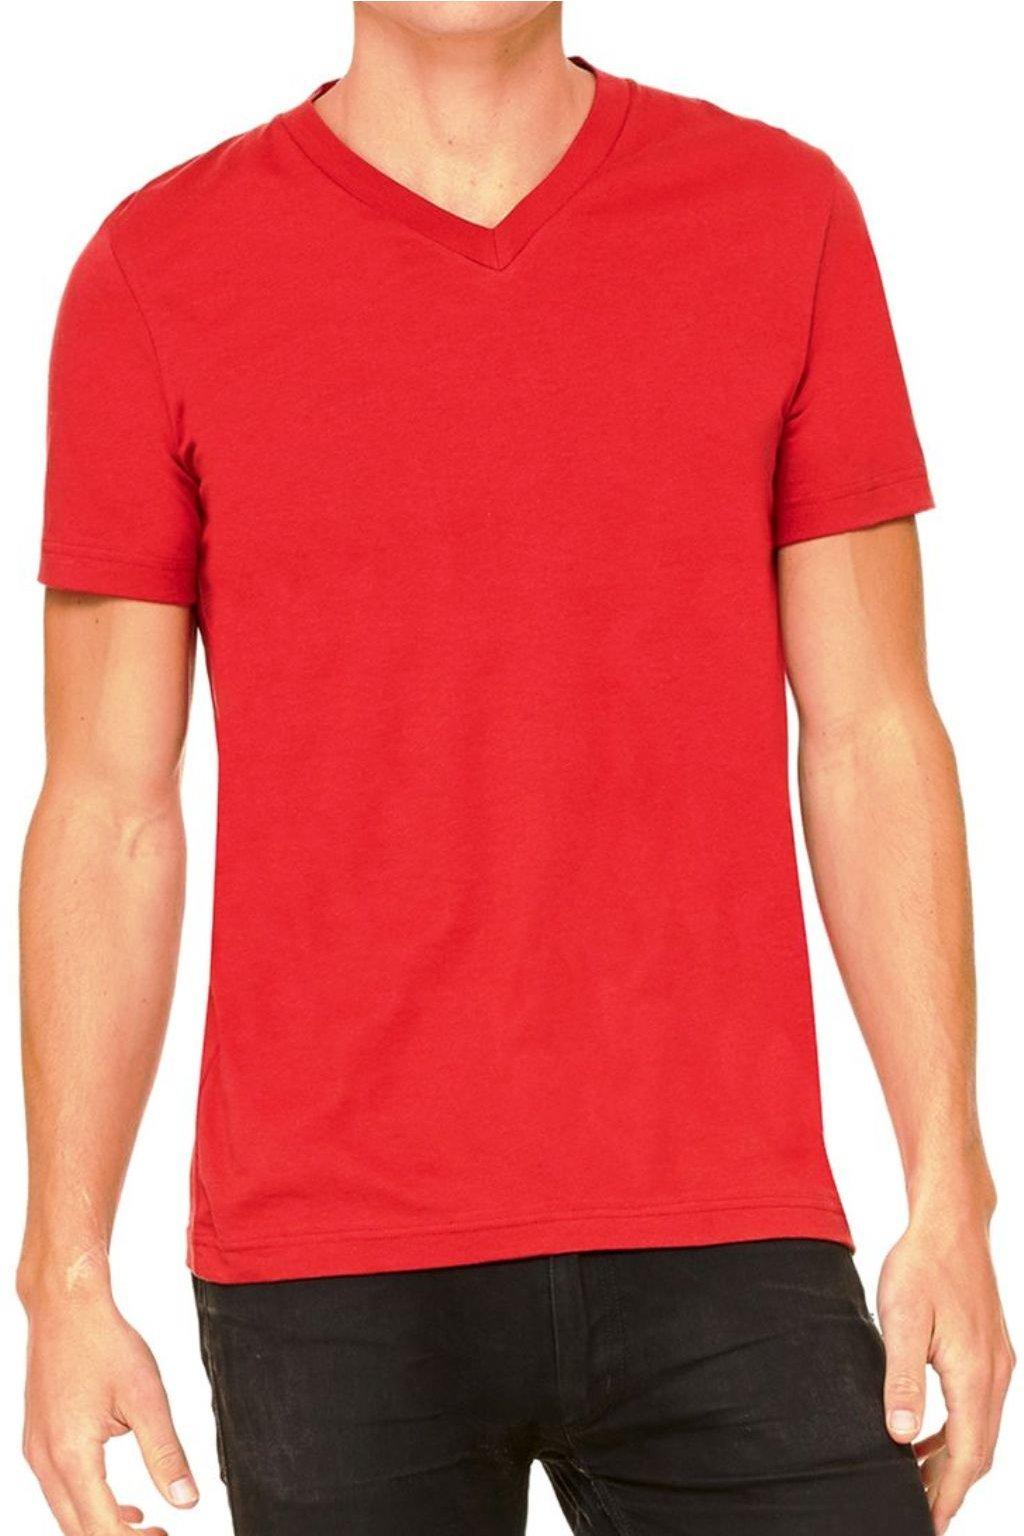 Pánské triko Cornette Hight Emotion 531 red